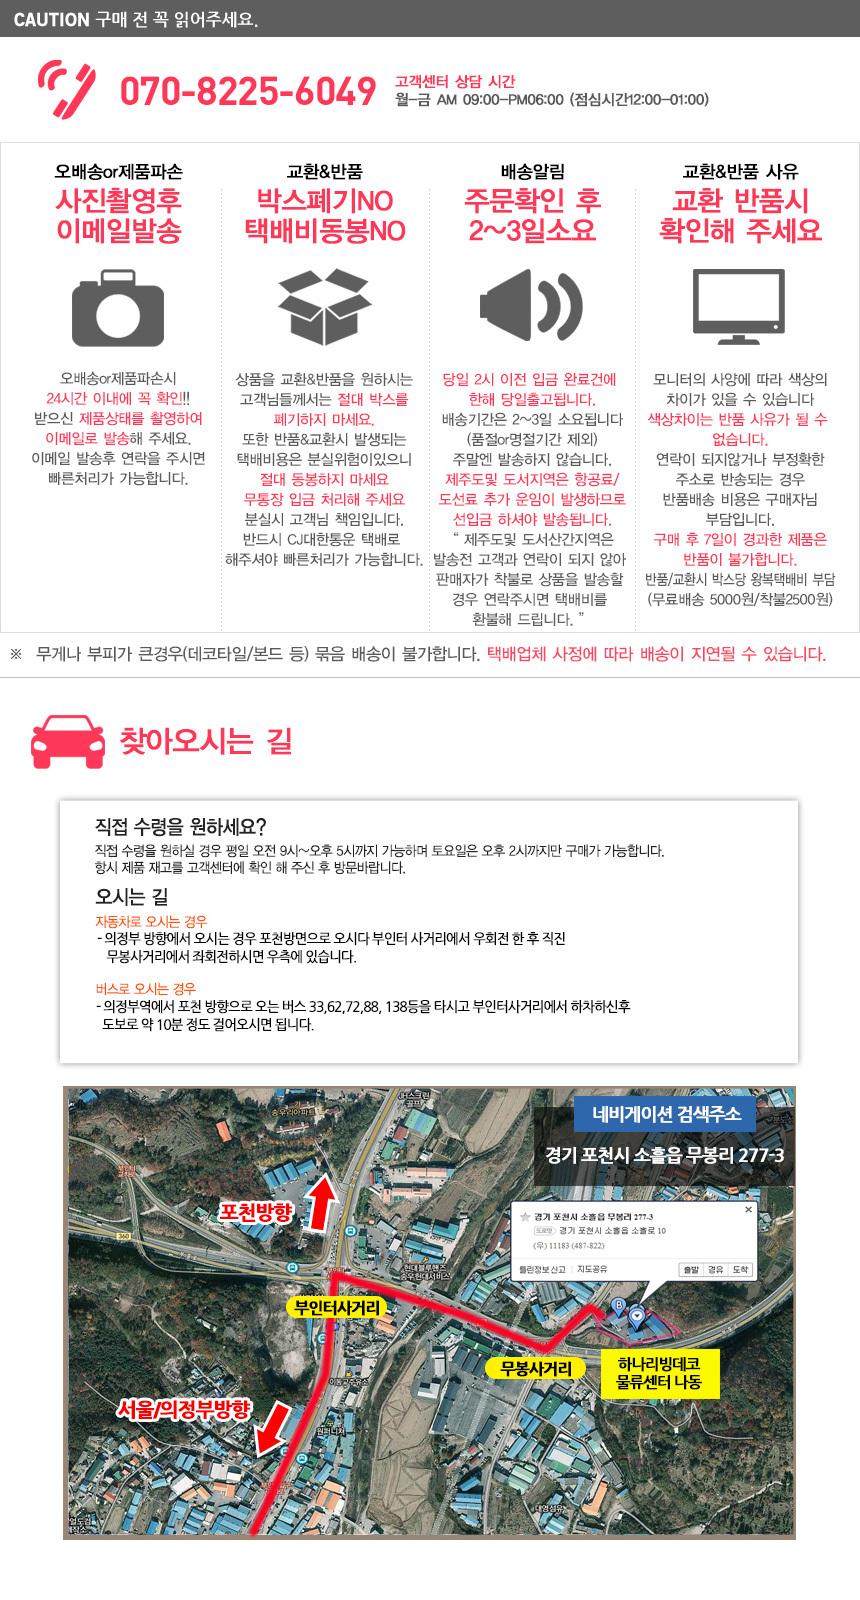 점착식 우드다이월 데코타일 20장 - 하나리빙데코, 19,900원, 장식/부자재, 바닥장식